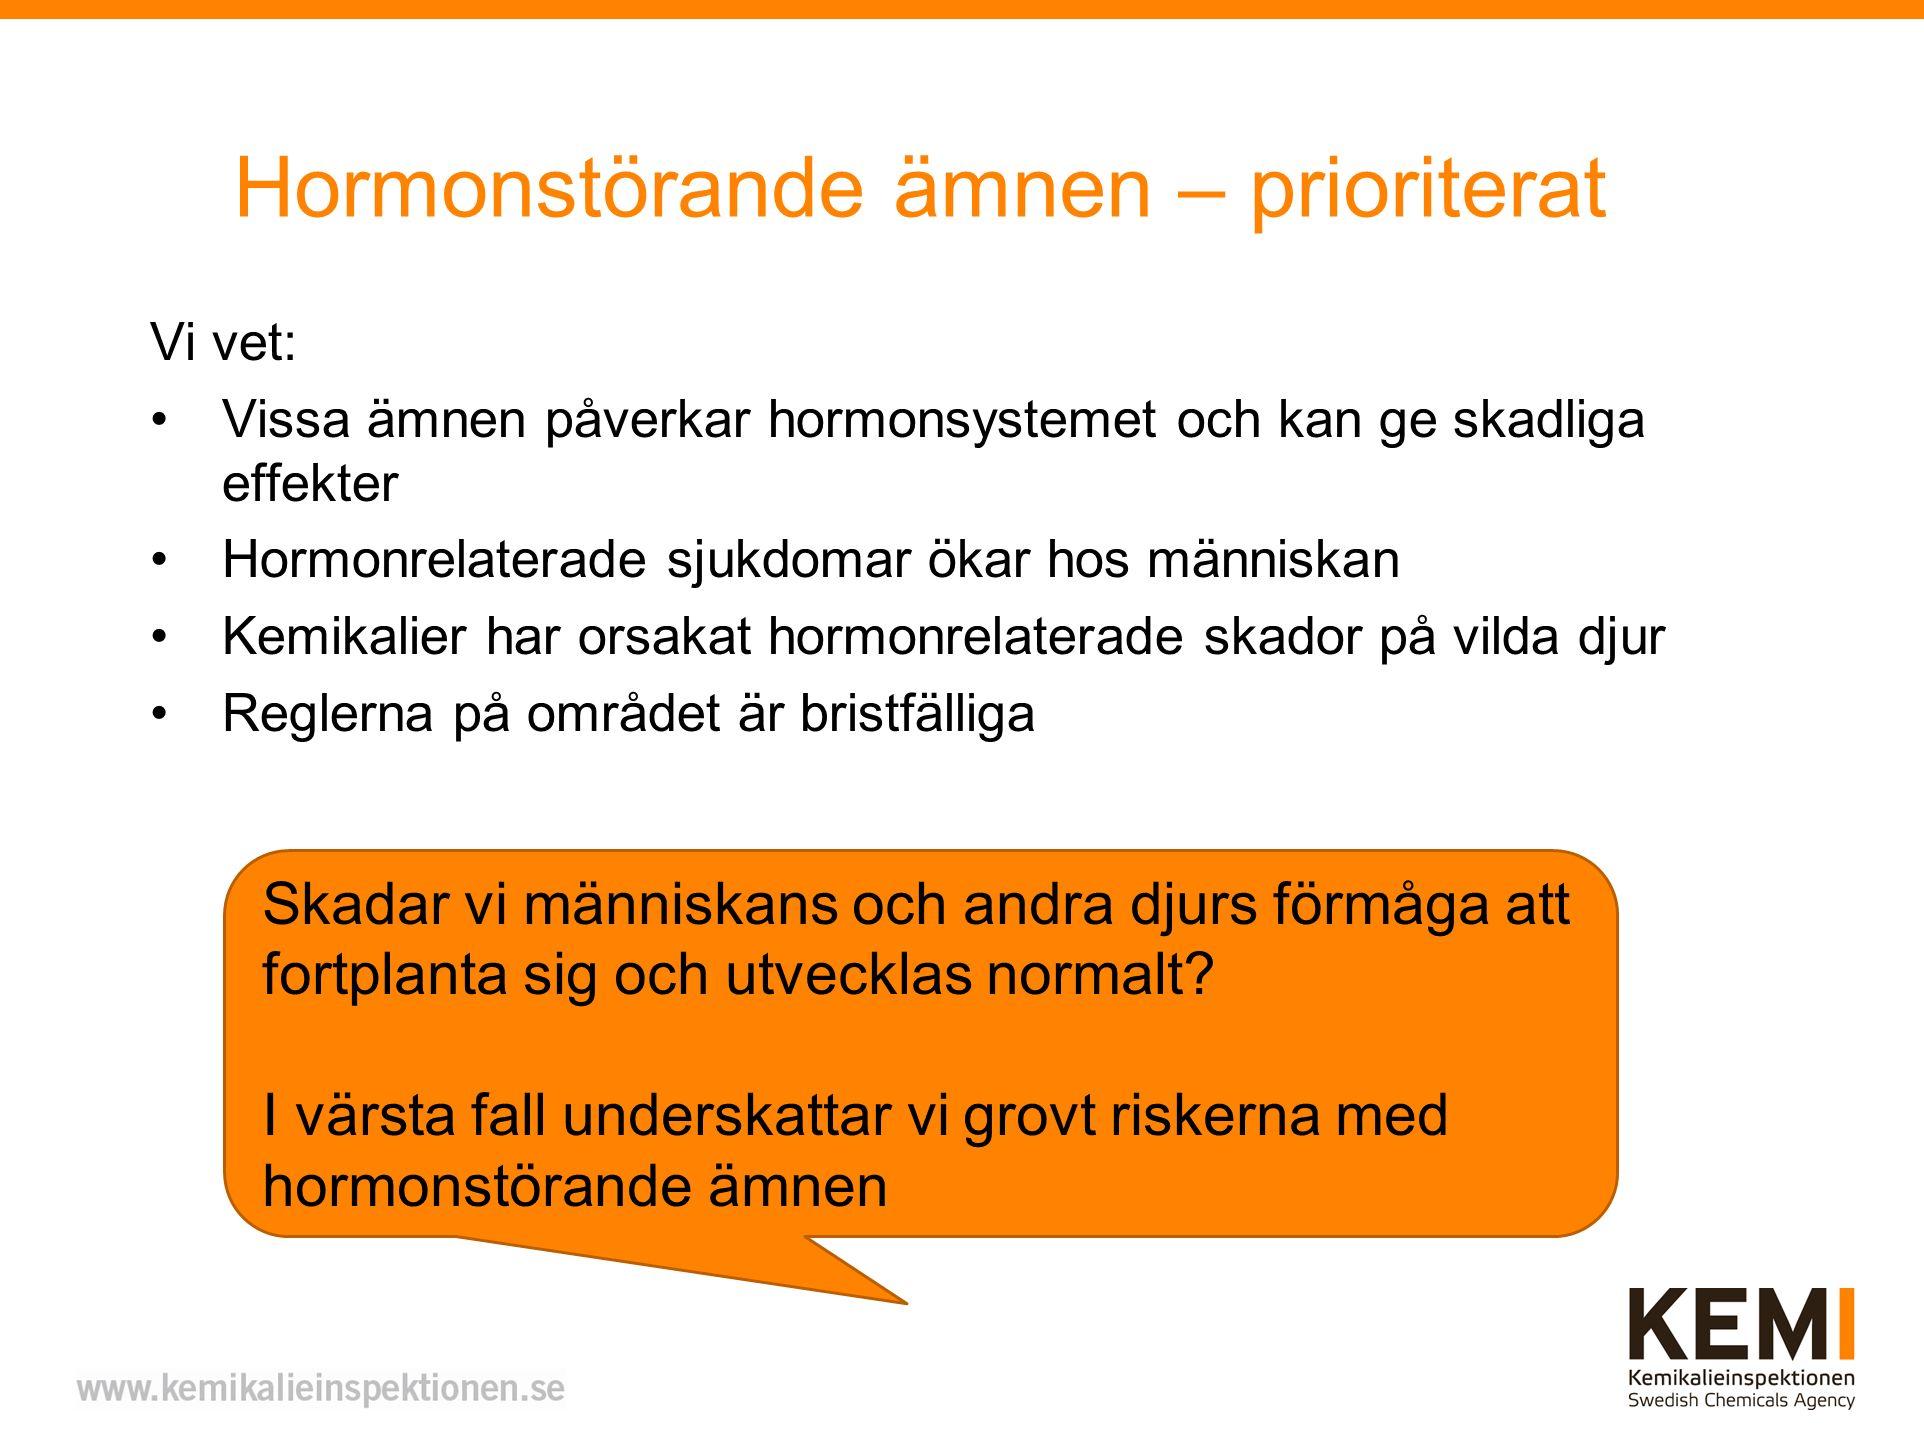 Hormonstörande ämnen – prioriterat Vi vet: Vissa ämnen påverkar hormonsystemet och kan ge skadliga effekter Hormonrelaterade sjukdomar ökar hos människan Kemikalier har orsakat hormonrelaterade skador på vilda djur Reglerna på området är bristfälliga Skadar vi människans och andra djurs förmåga att fortplanta sig och utvecklas normalt.